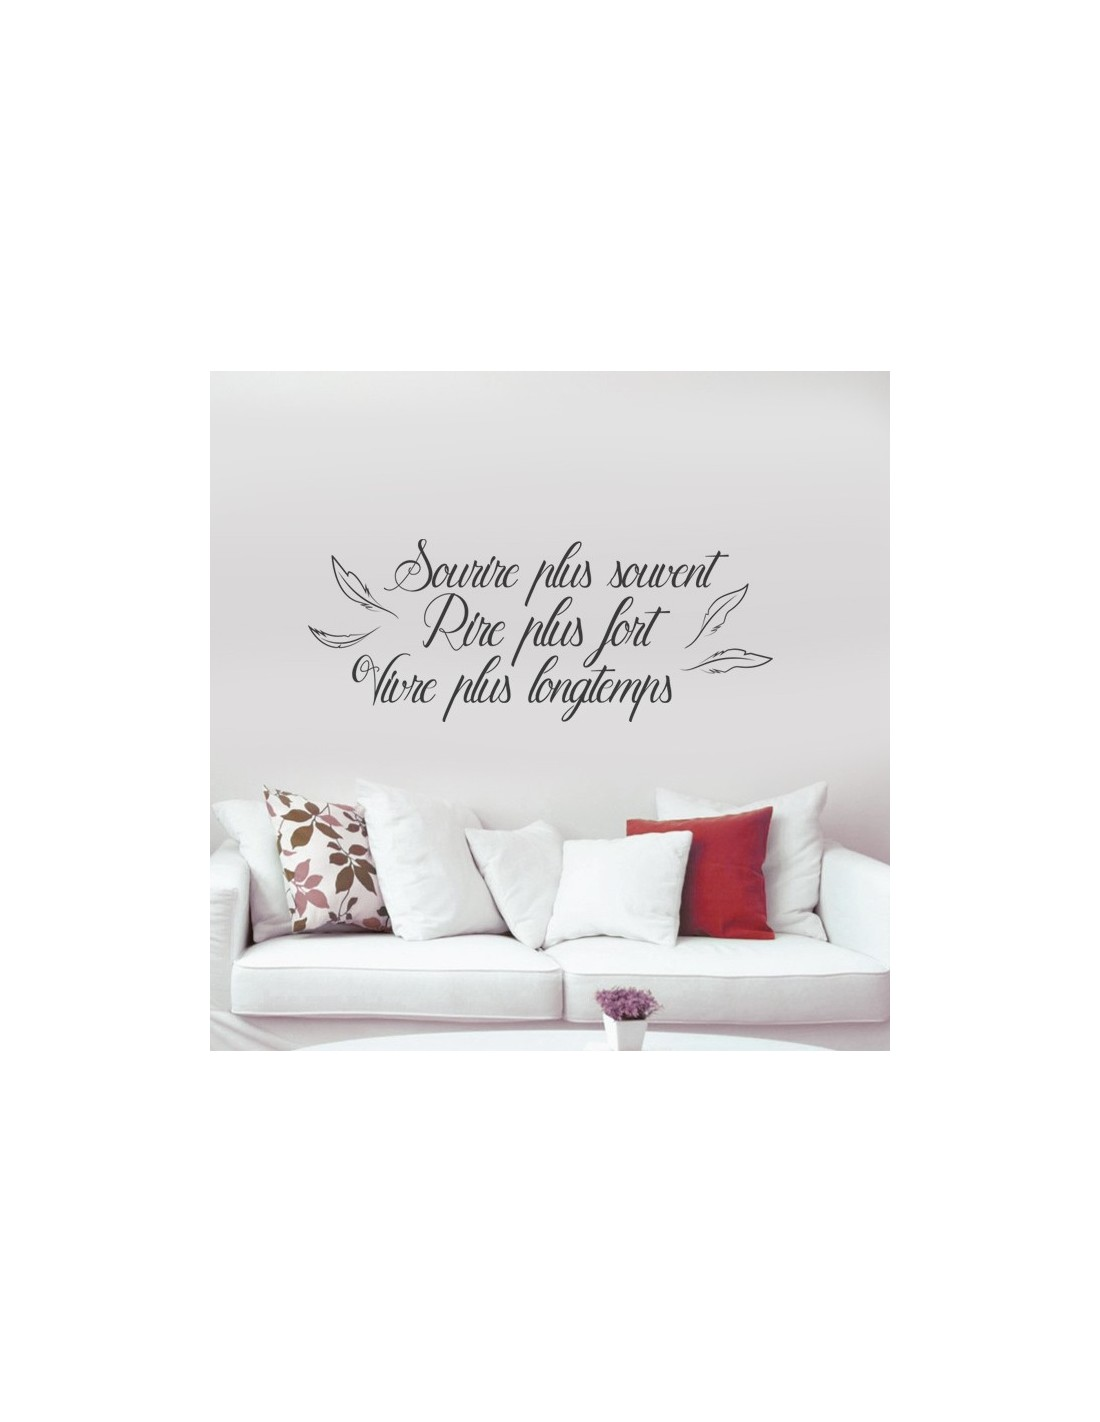 Stickers muraux citation courte sourire plus souvent rire plus fort - Stickers muraux personnalises ...